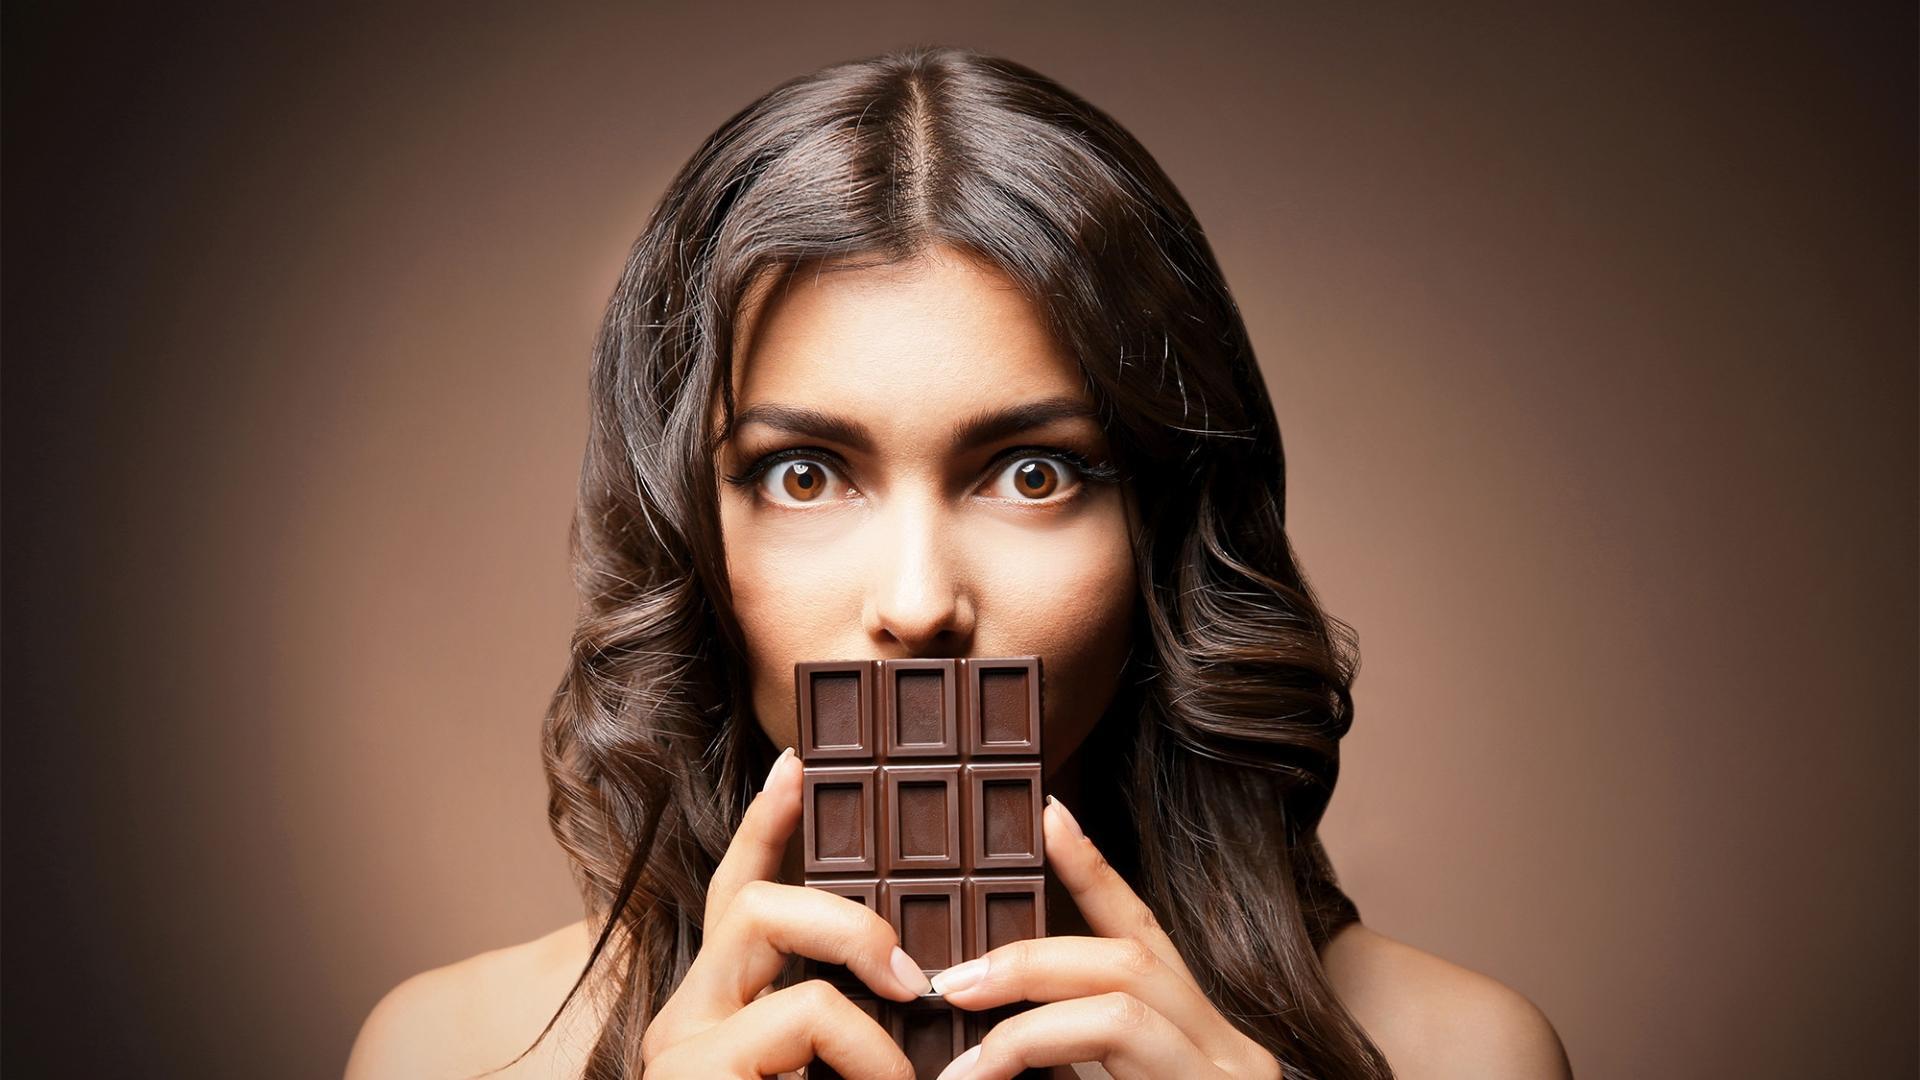 Учёные скептически оценивают миф о корреляции между употреблением шоколада и симптомами депрессии